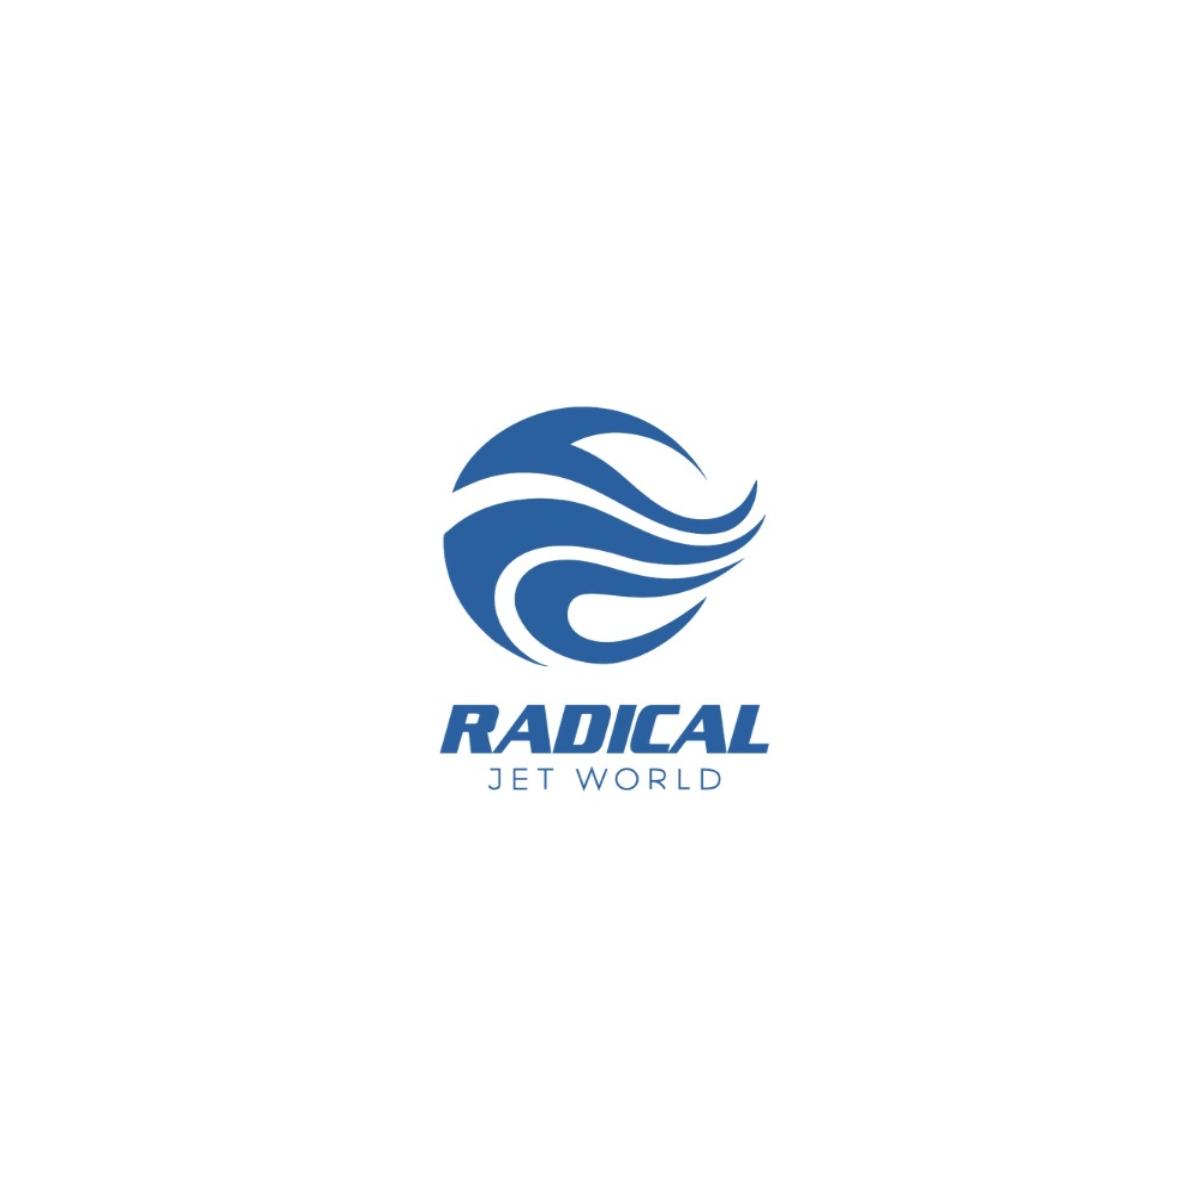 Cinta de Turbina para Jet Ski Sea Doo RXP/RXT/GTX STD  - Radical Peças - Peças para Jet Ski